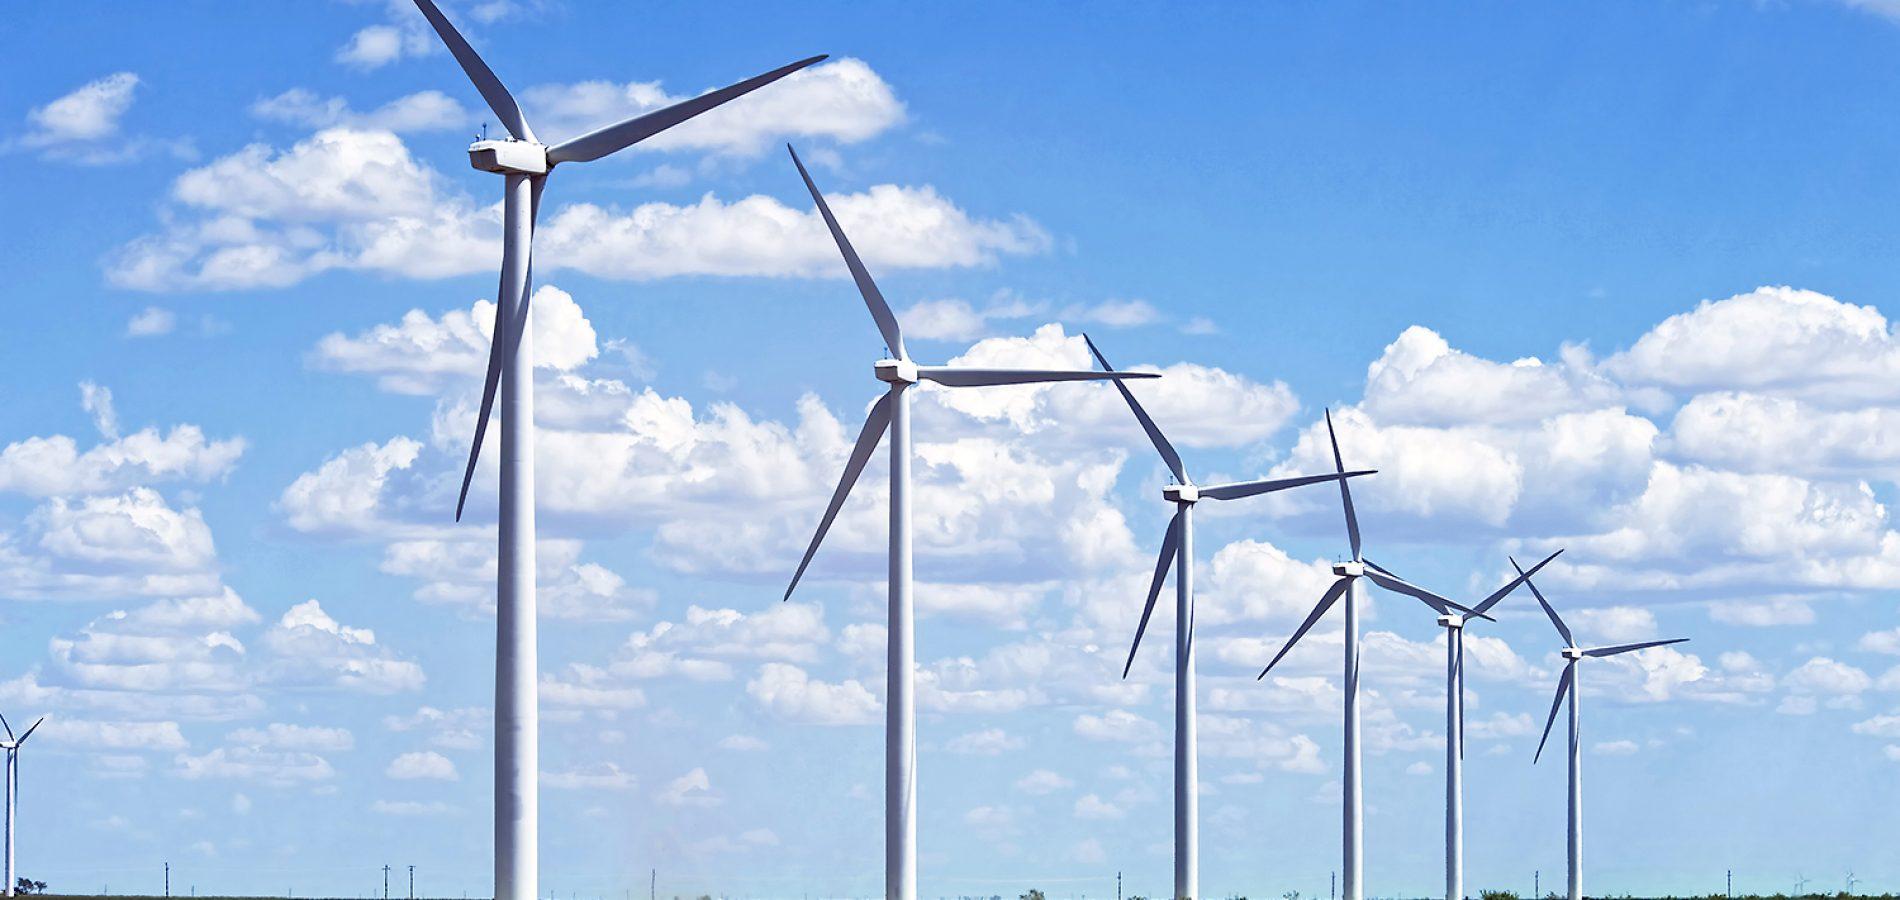 Municípios do Piauí avançam até 799% com força da energia renovável